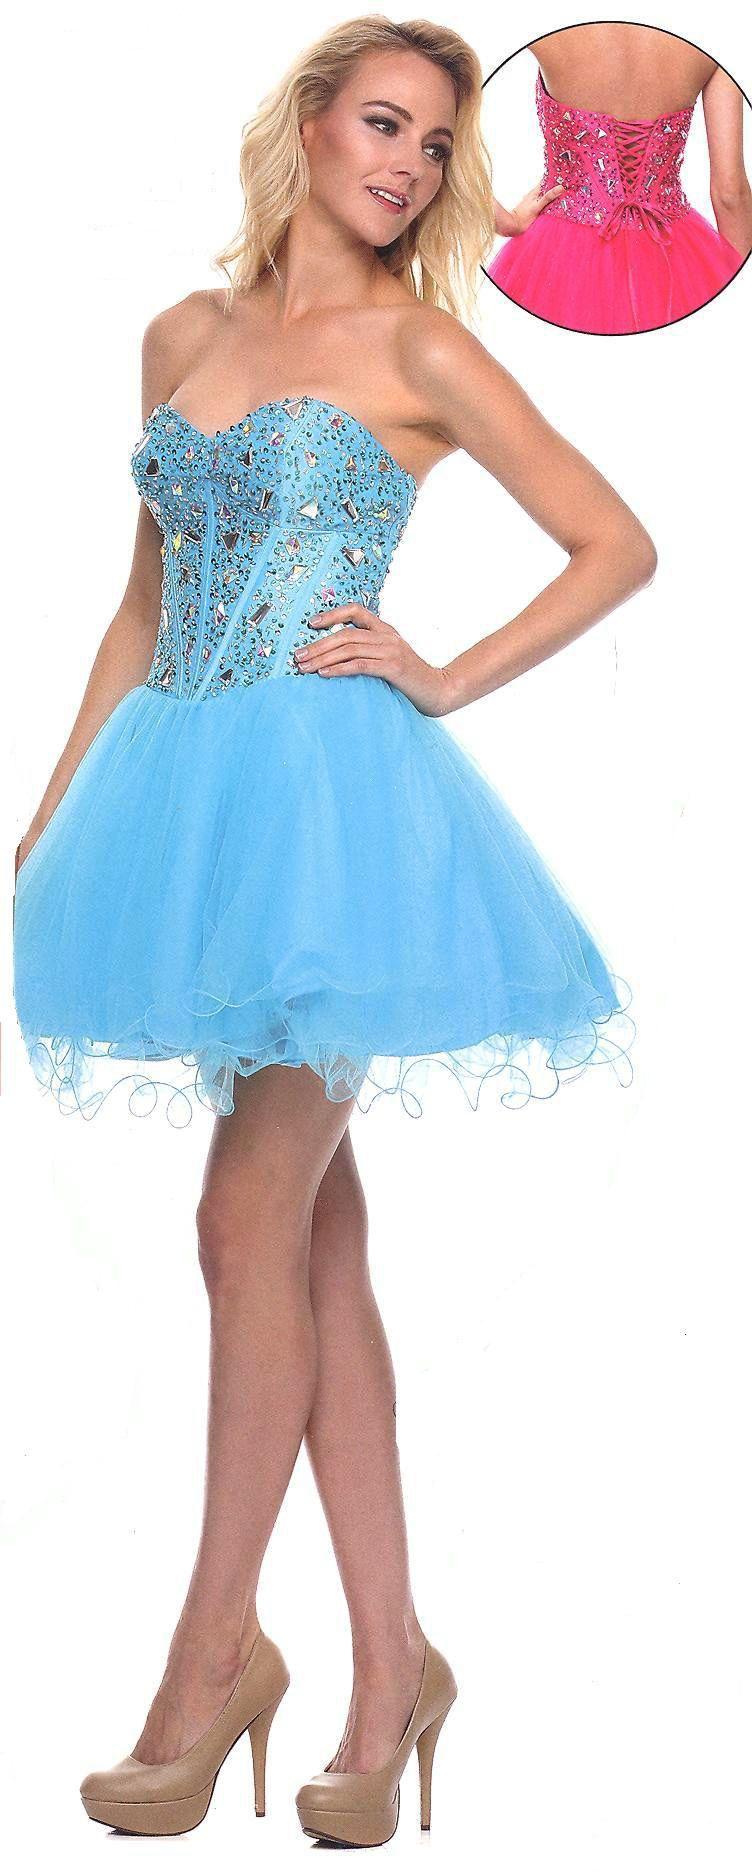 Prom dresssweet dress under falling for flirty sweet